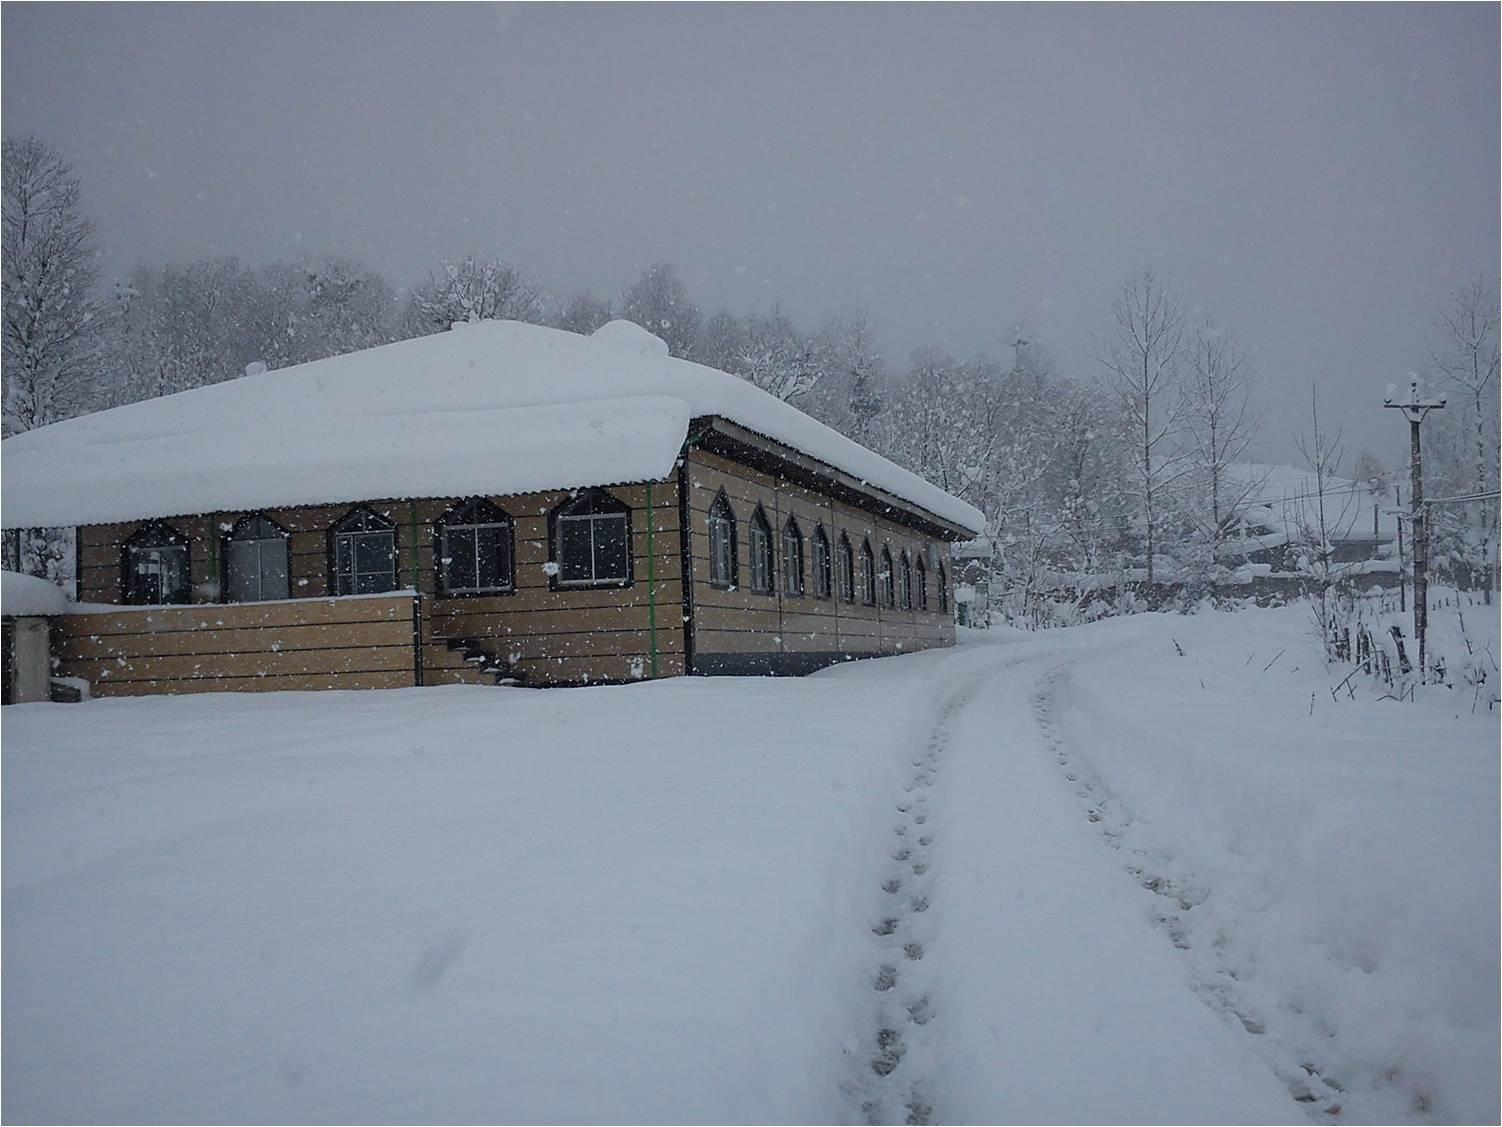 مسجد شهدای روستای شولم برف 1متری بهمن92